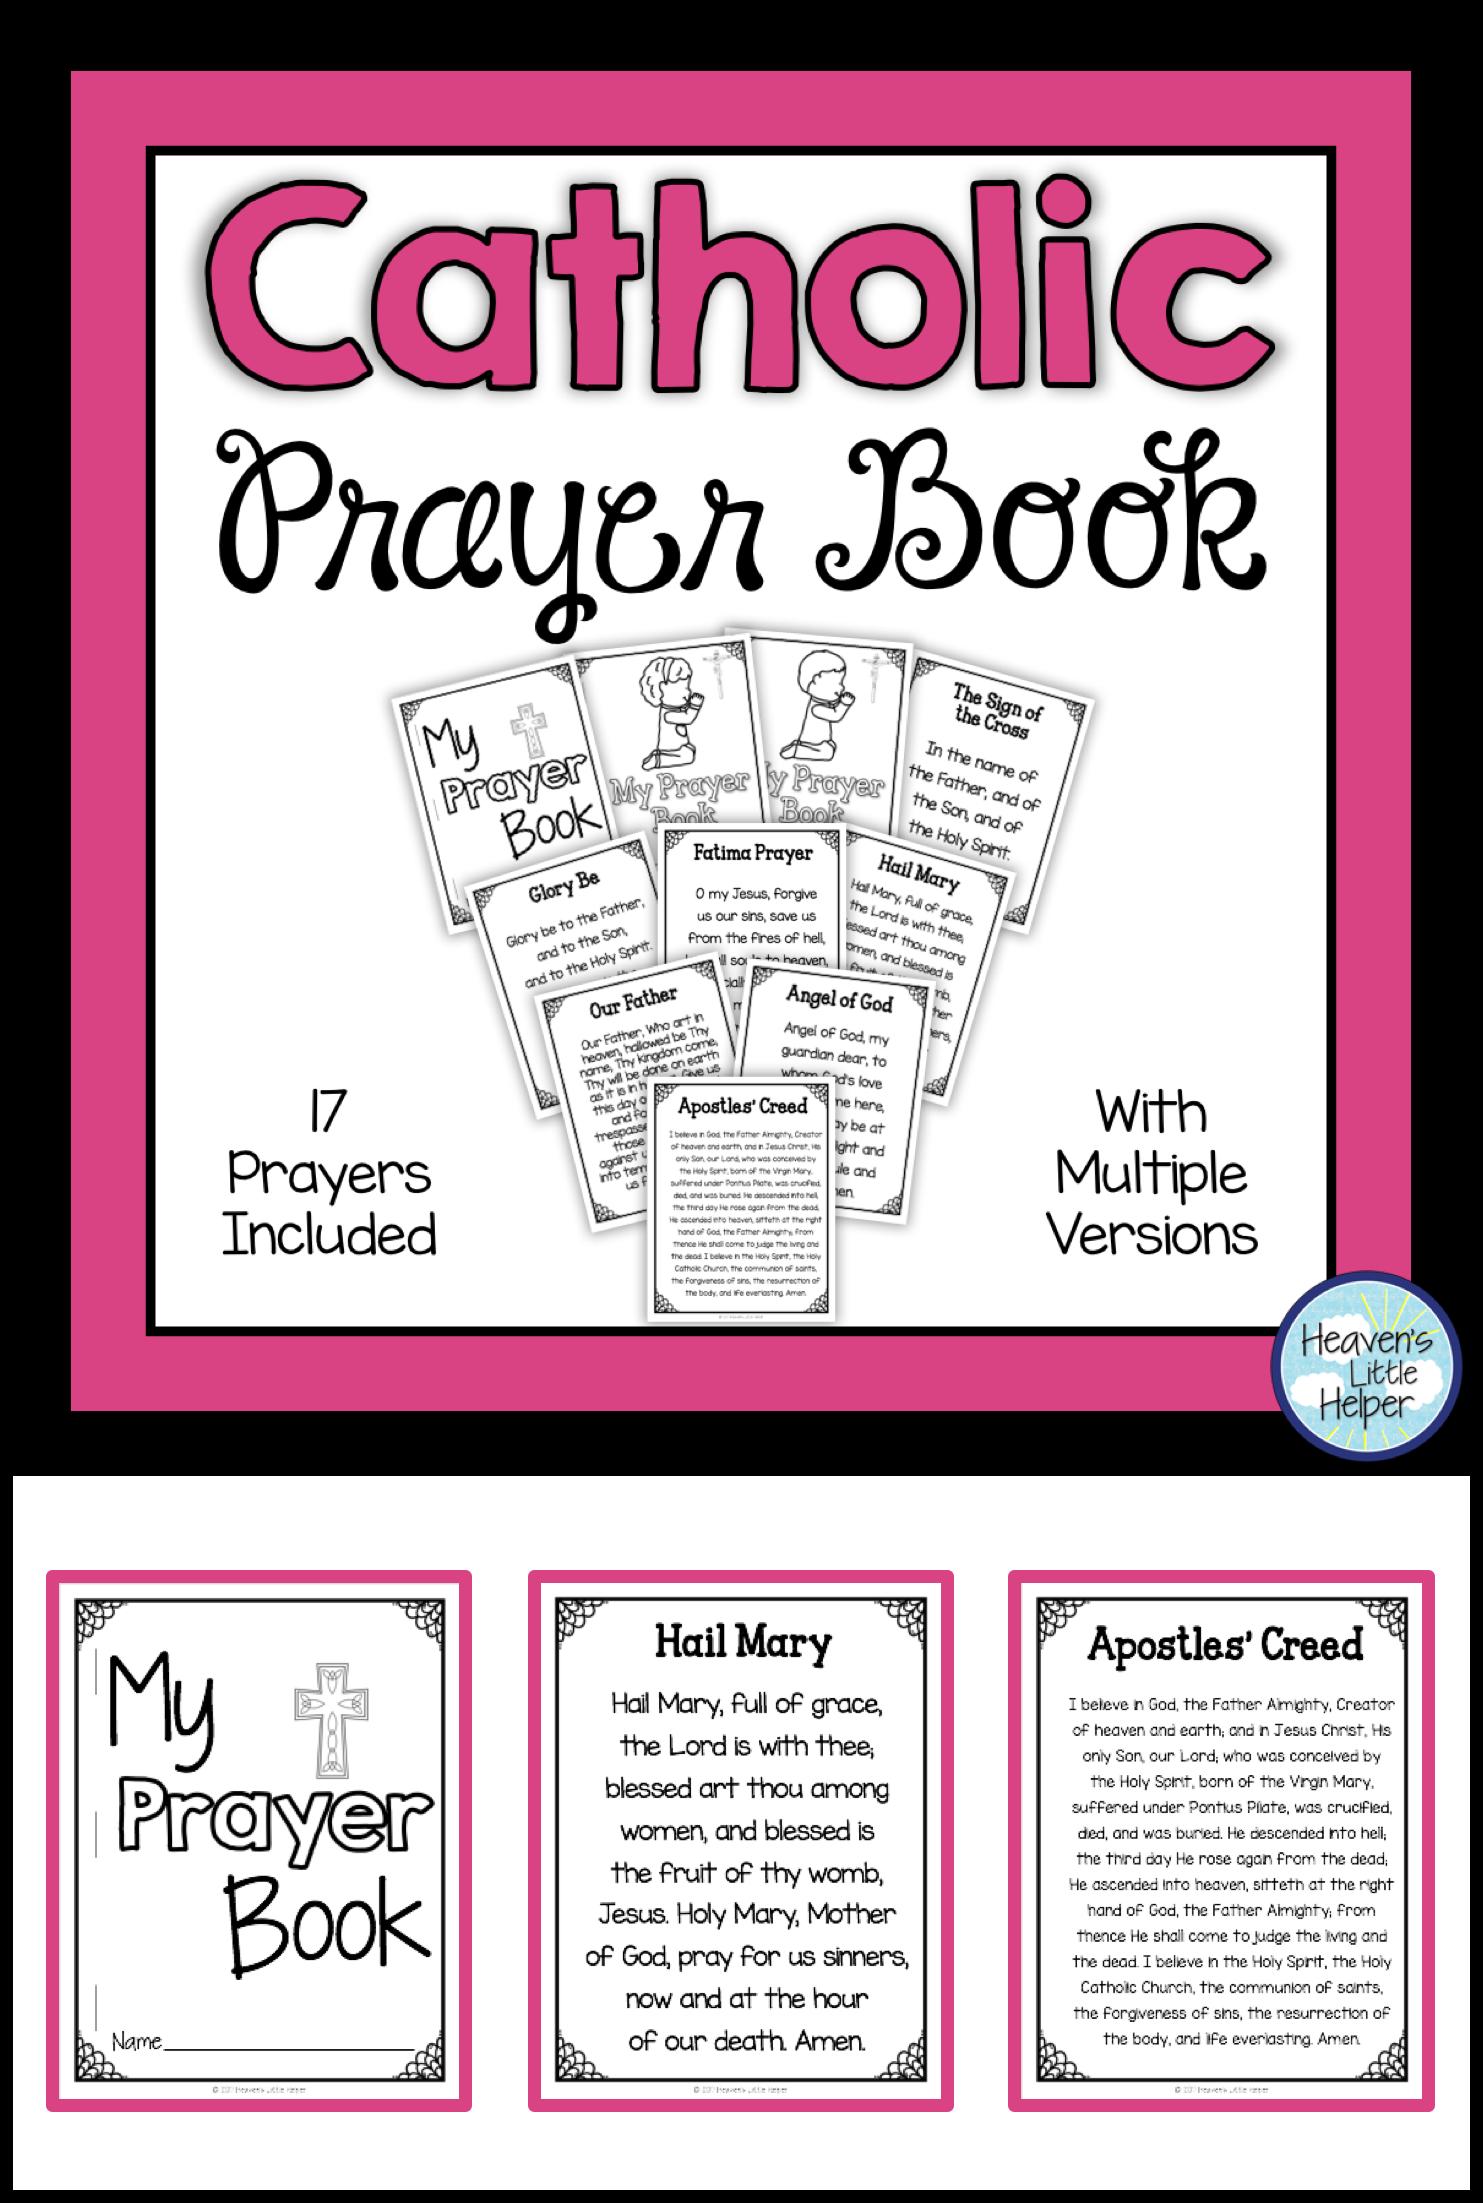 Catholic Prayer Book   Cce   Catholic Religious Education, Catholic - Free Printable Catholic Mass Book